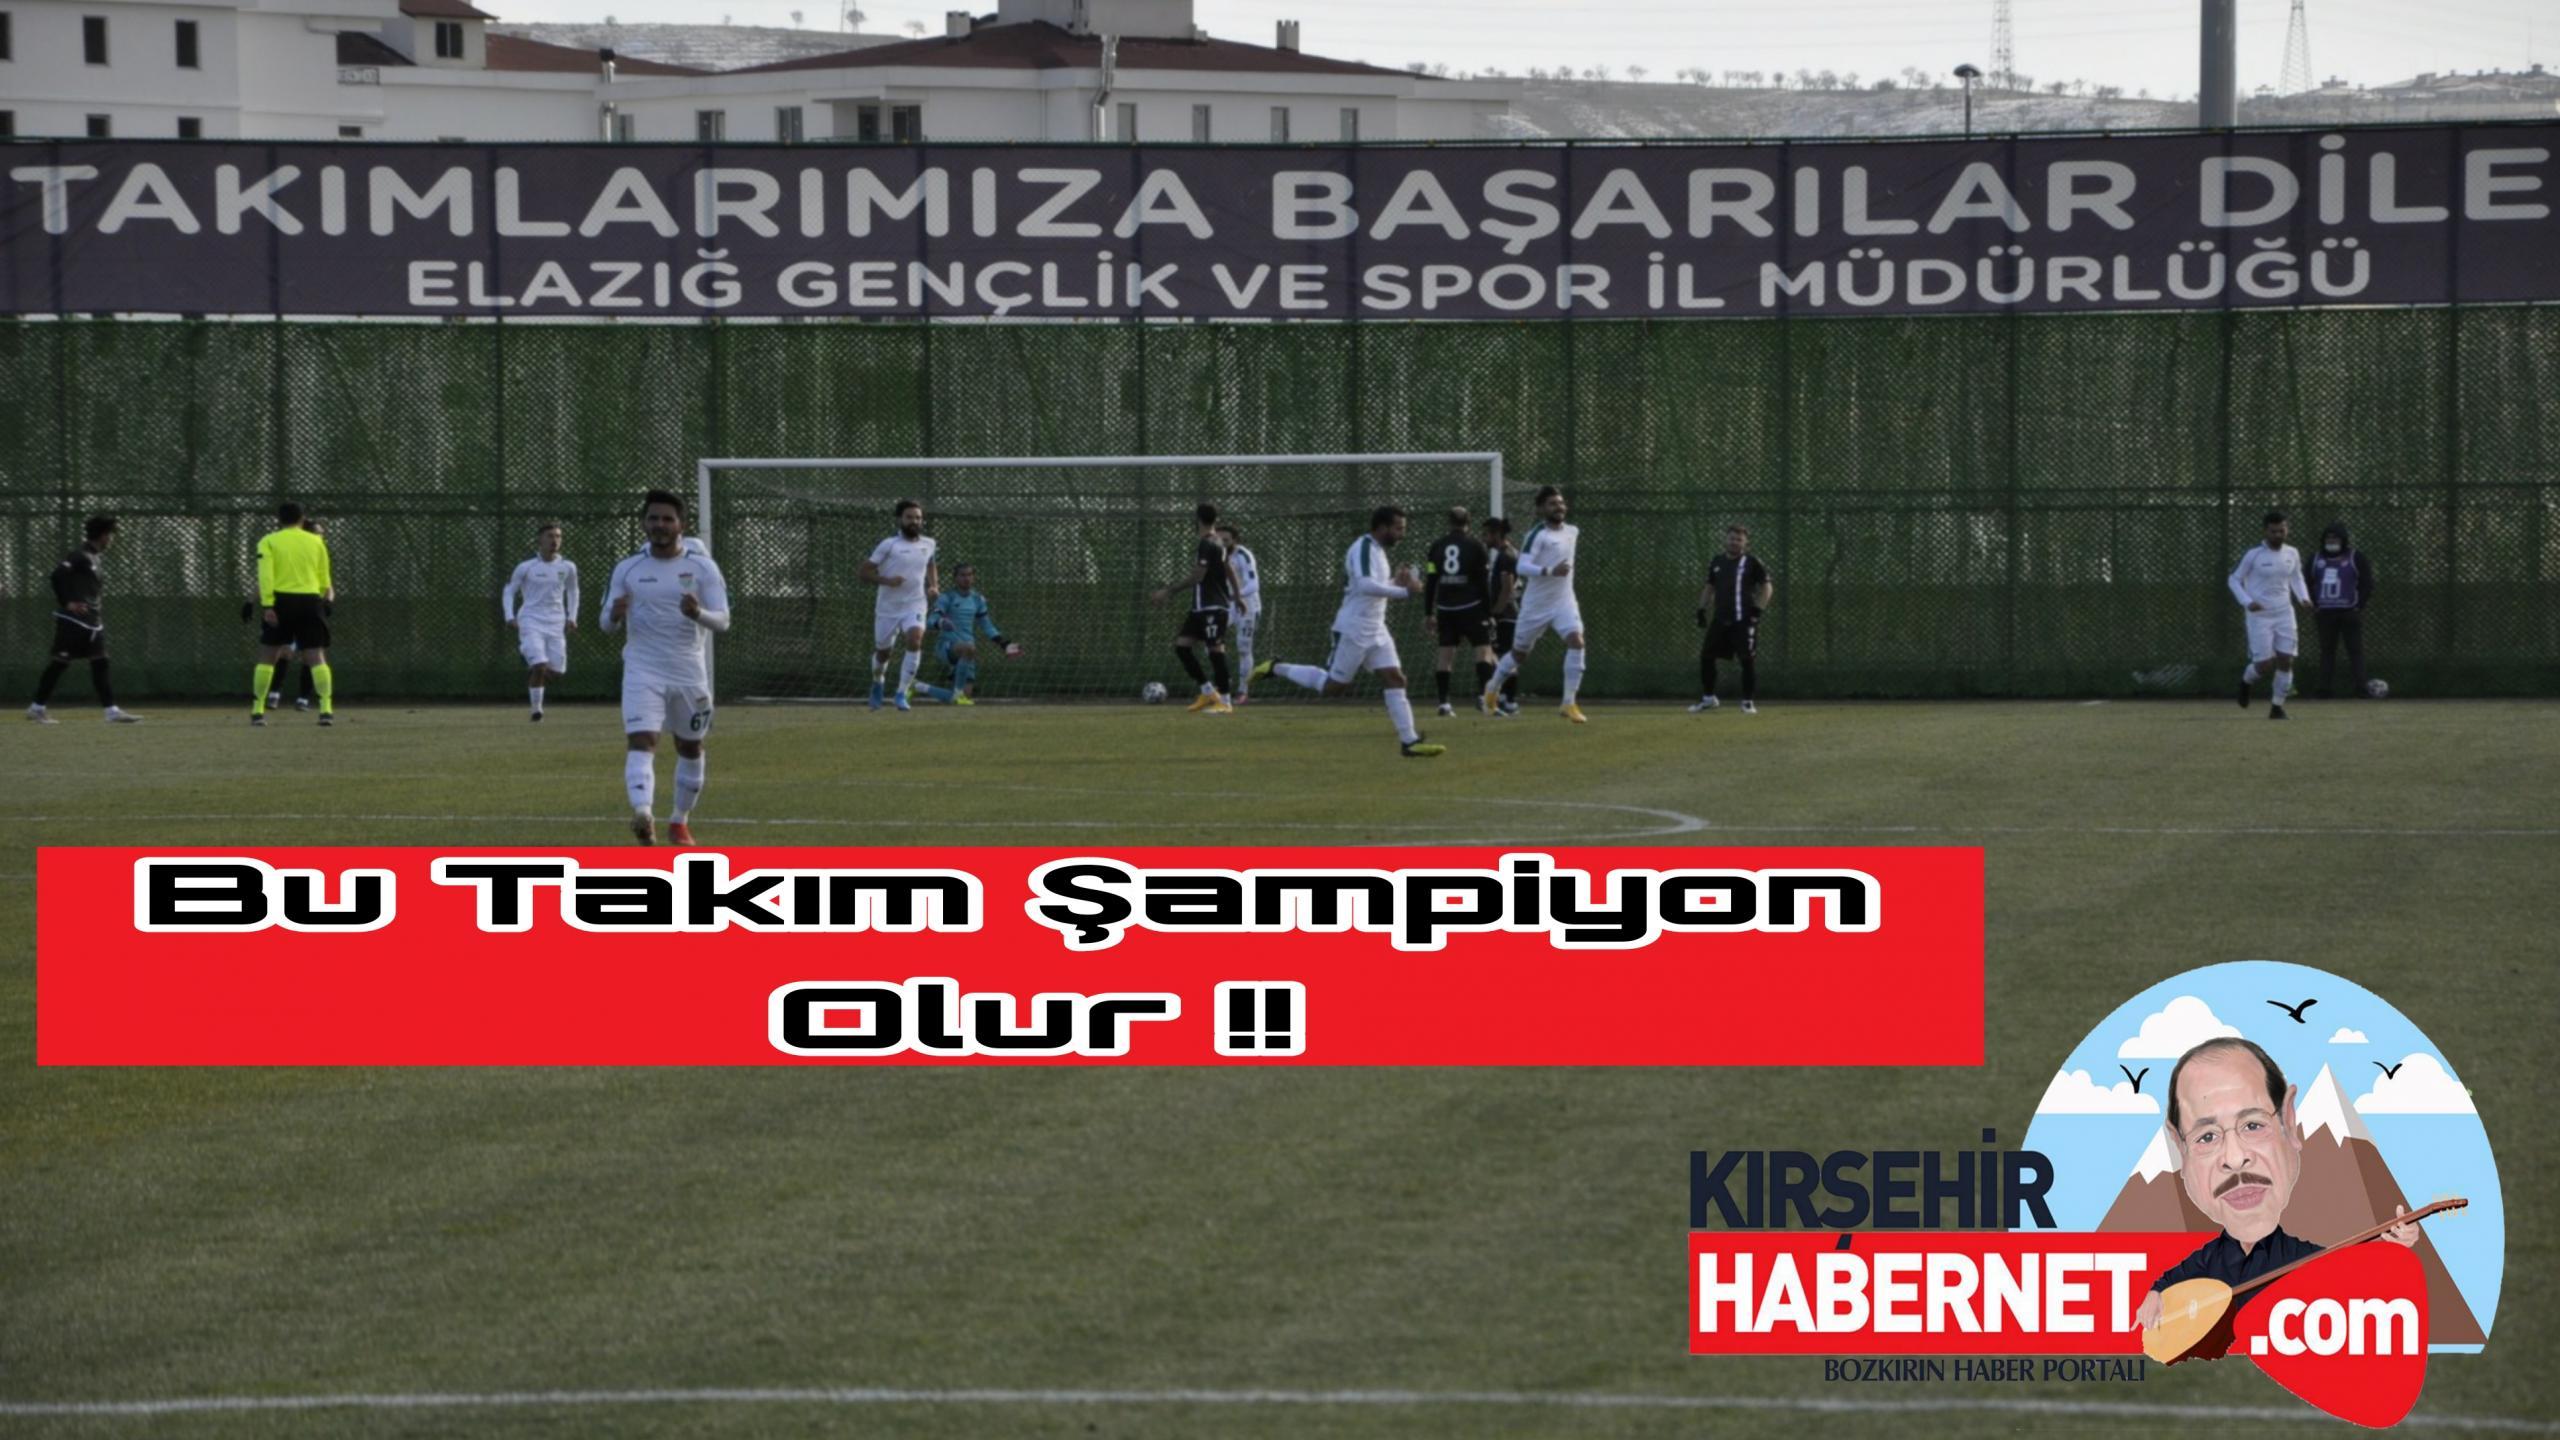 GAKKOŞLARI EVİNDE YENDİK !!